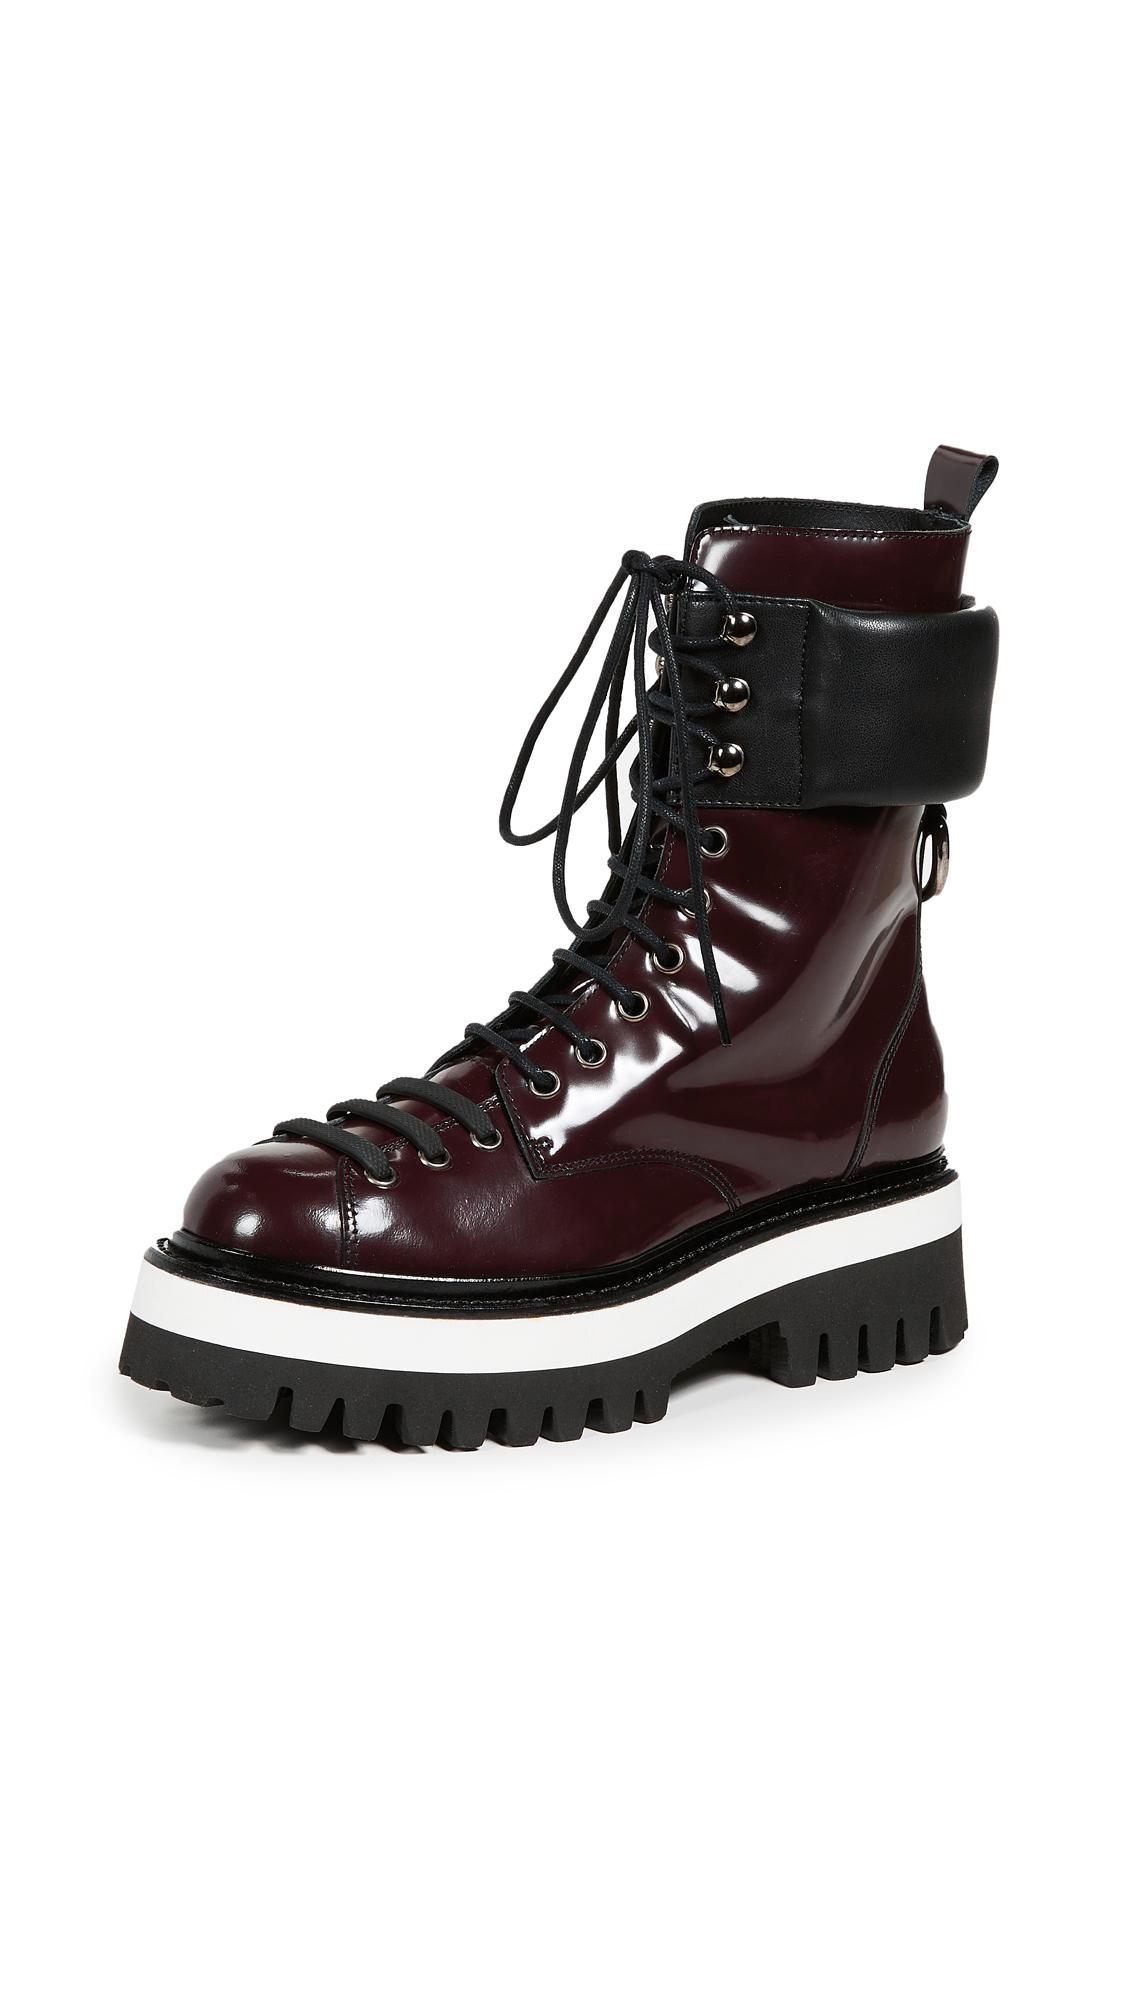 MSGM Lace Up Boots - Bordeaux